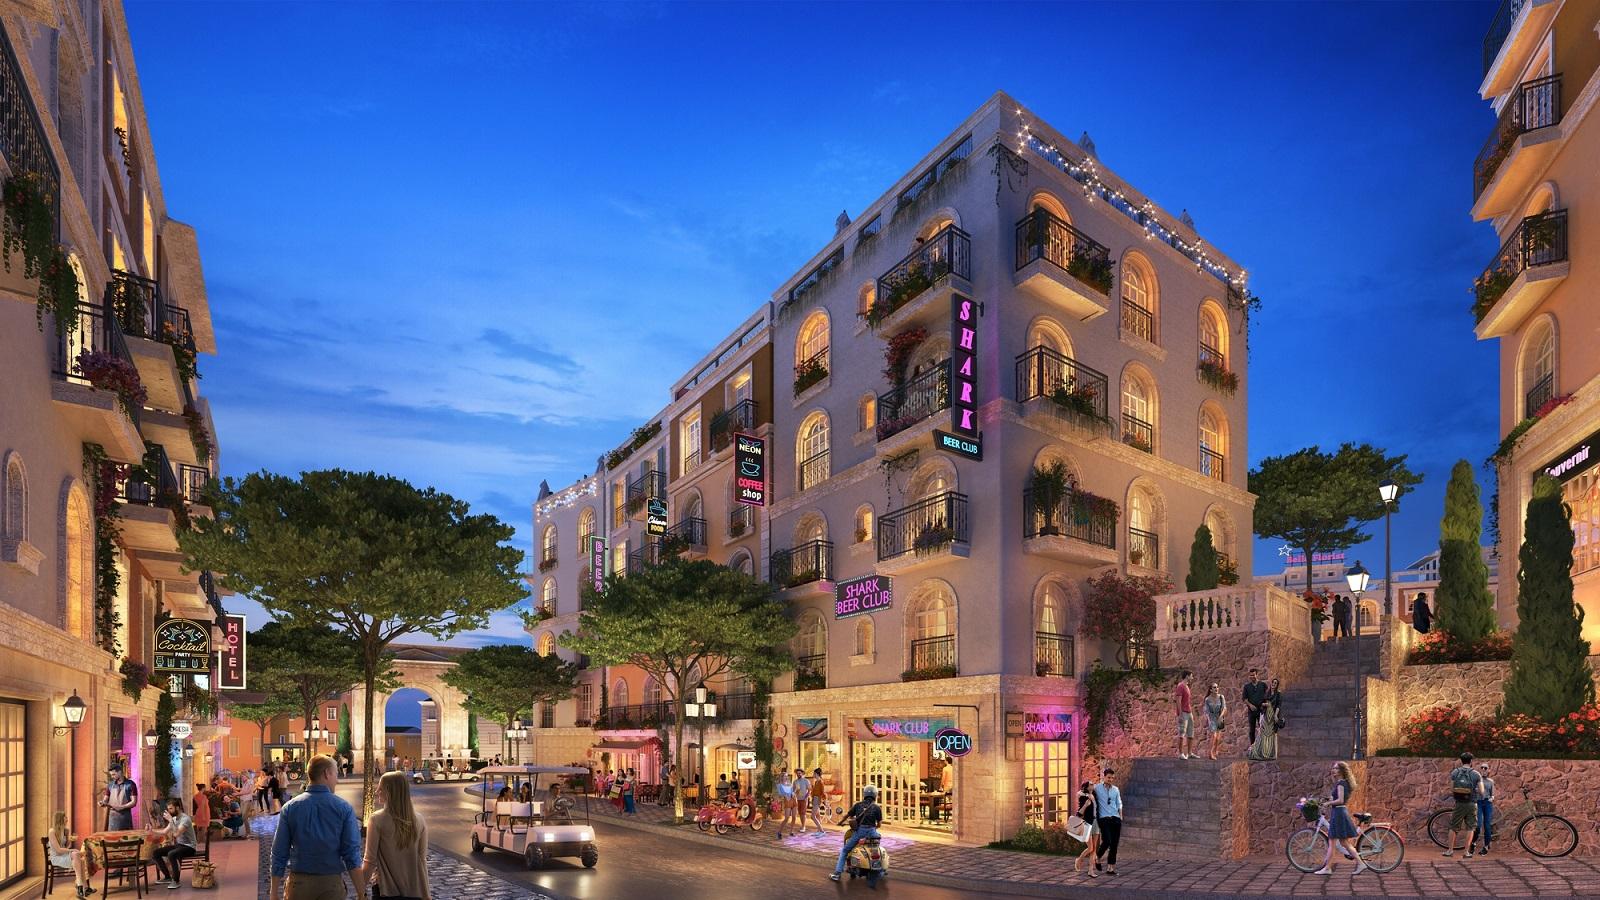 Du khách có thể trải nghiệm các tiện ích dịch vụ đa dạng tại thị trấn Địa Trung Hải lâu hơn, giúp tăng nguồn thu cho shophouse. Ảnh phối cảnh: Sun Group.